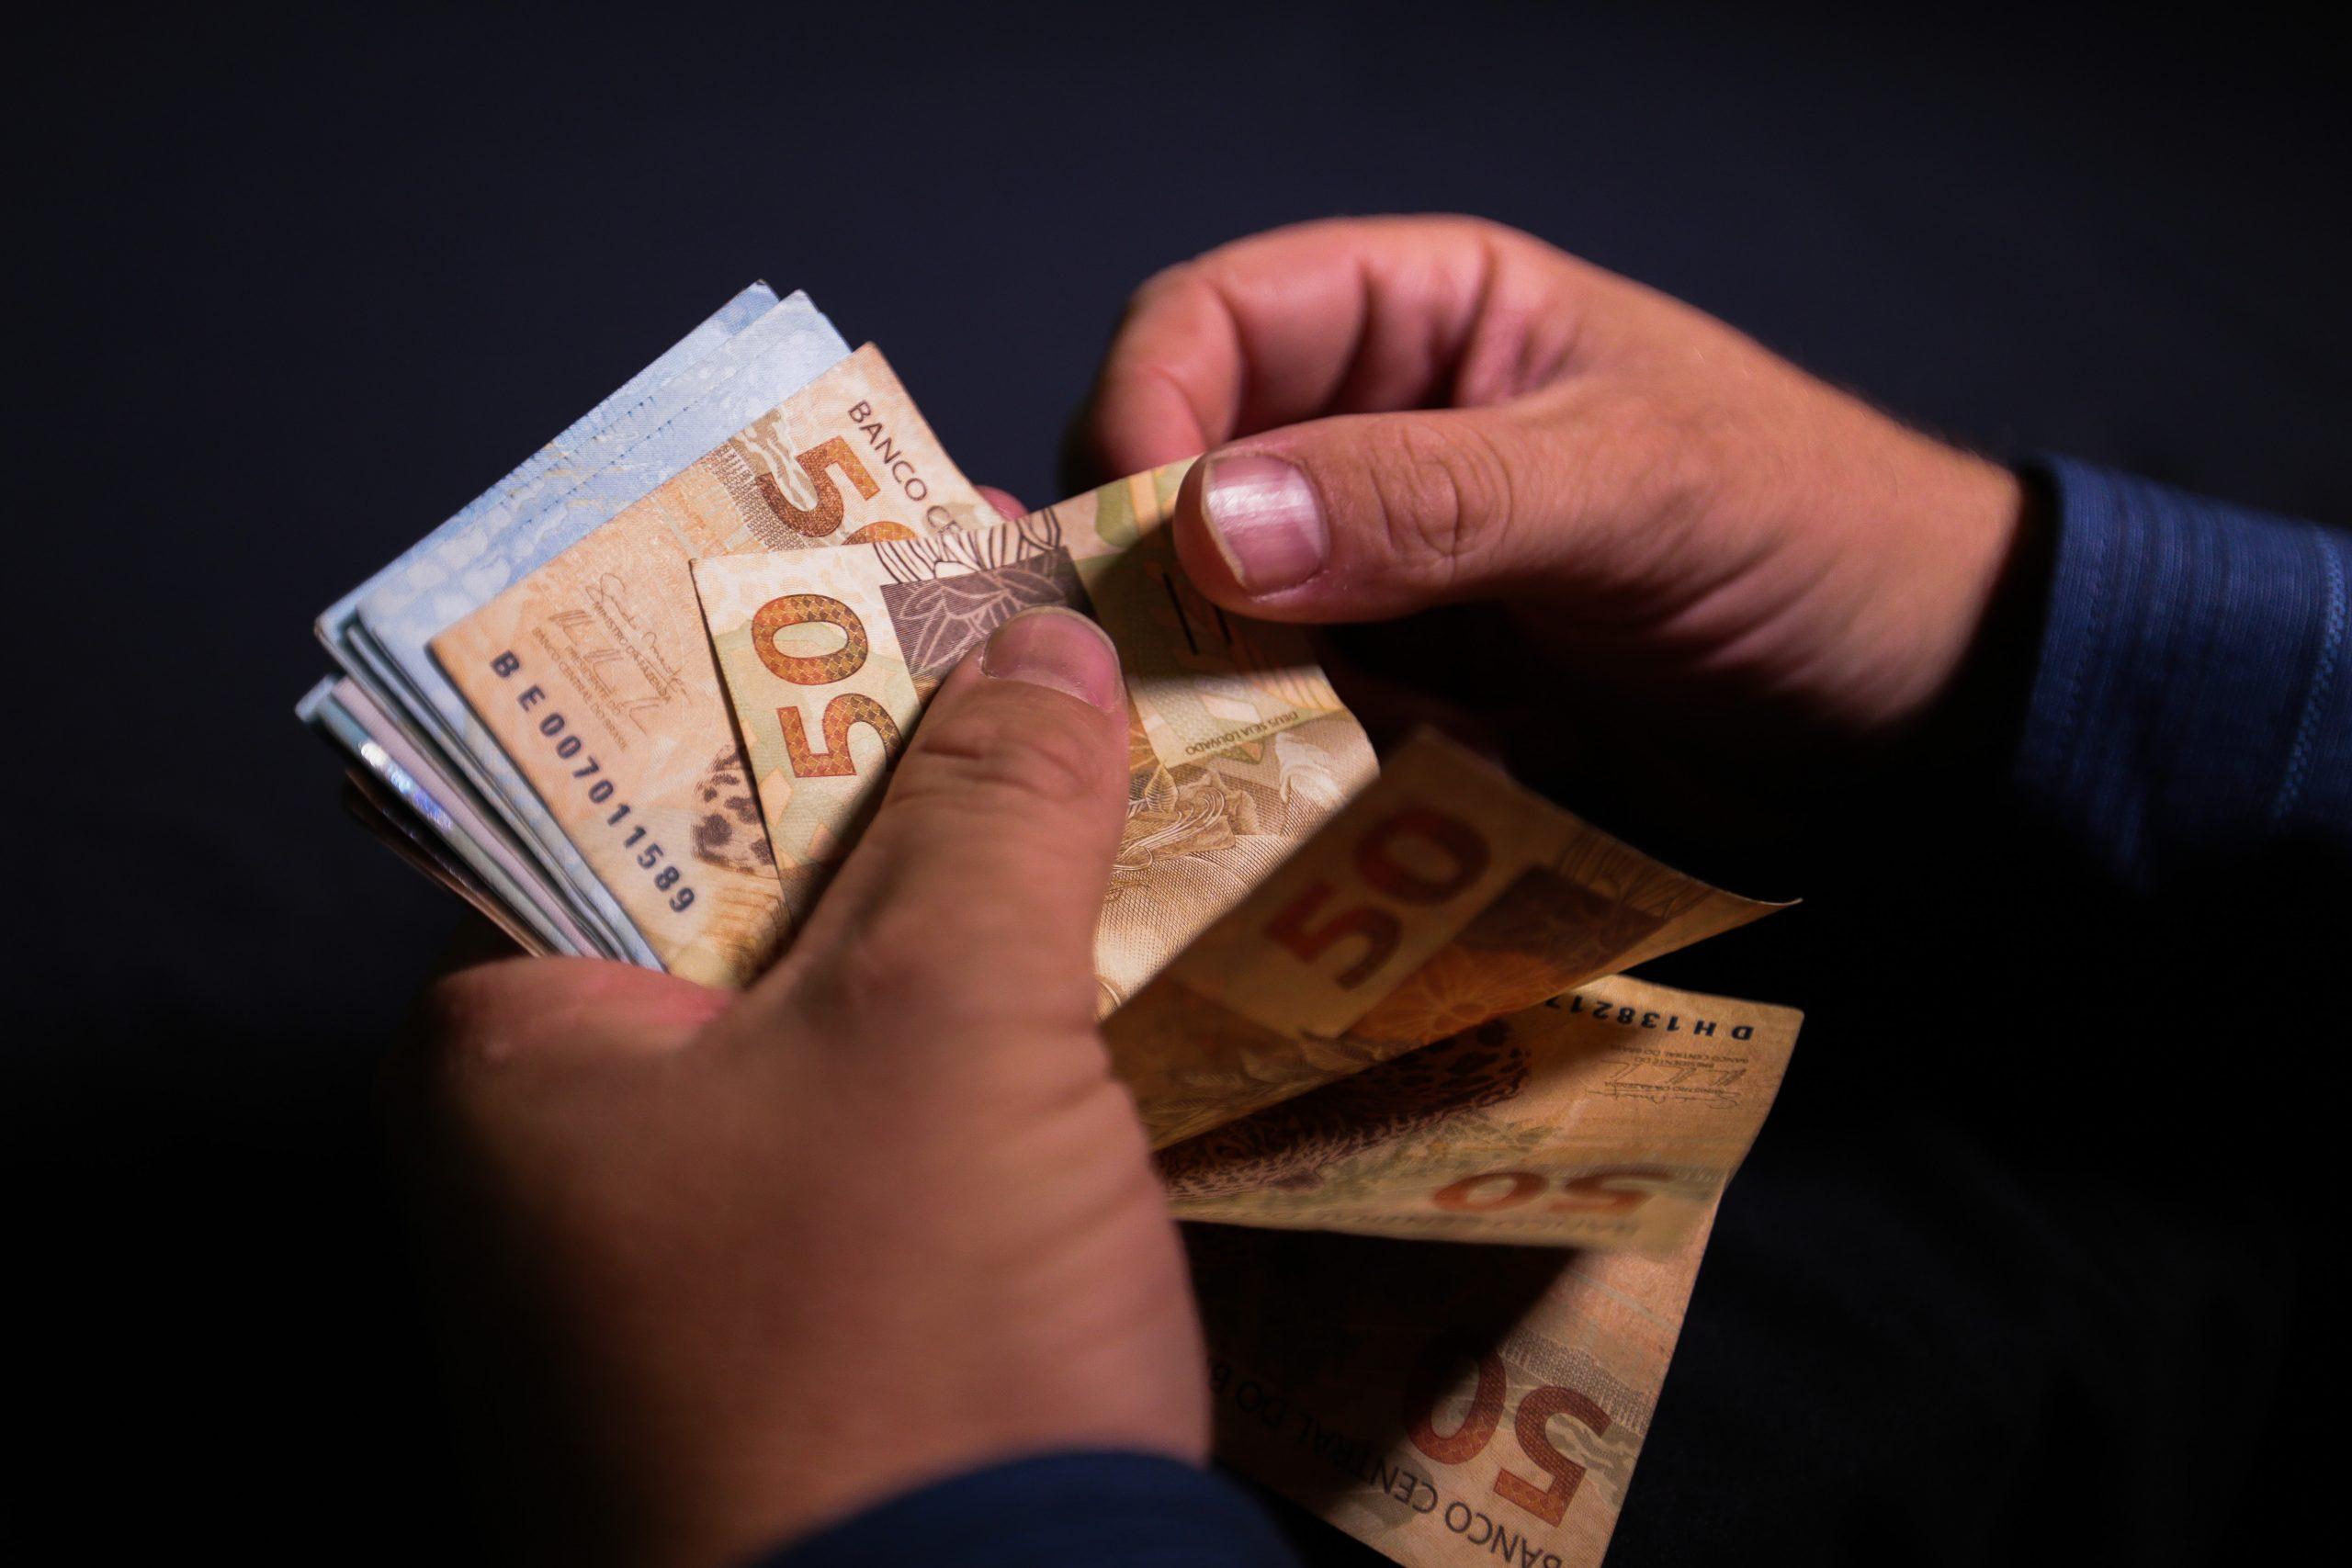 Dinheiro é o meio mais utilizado nas compras pela maioria dos brasileiros